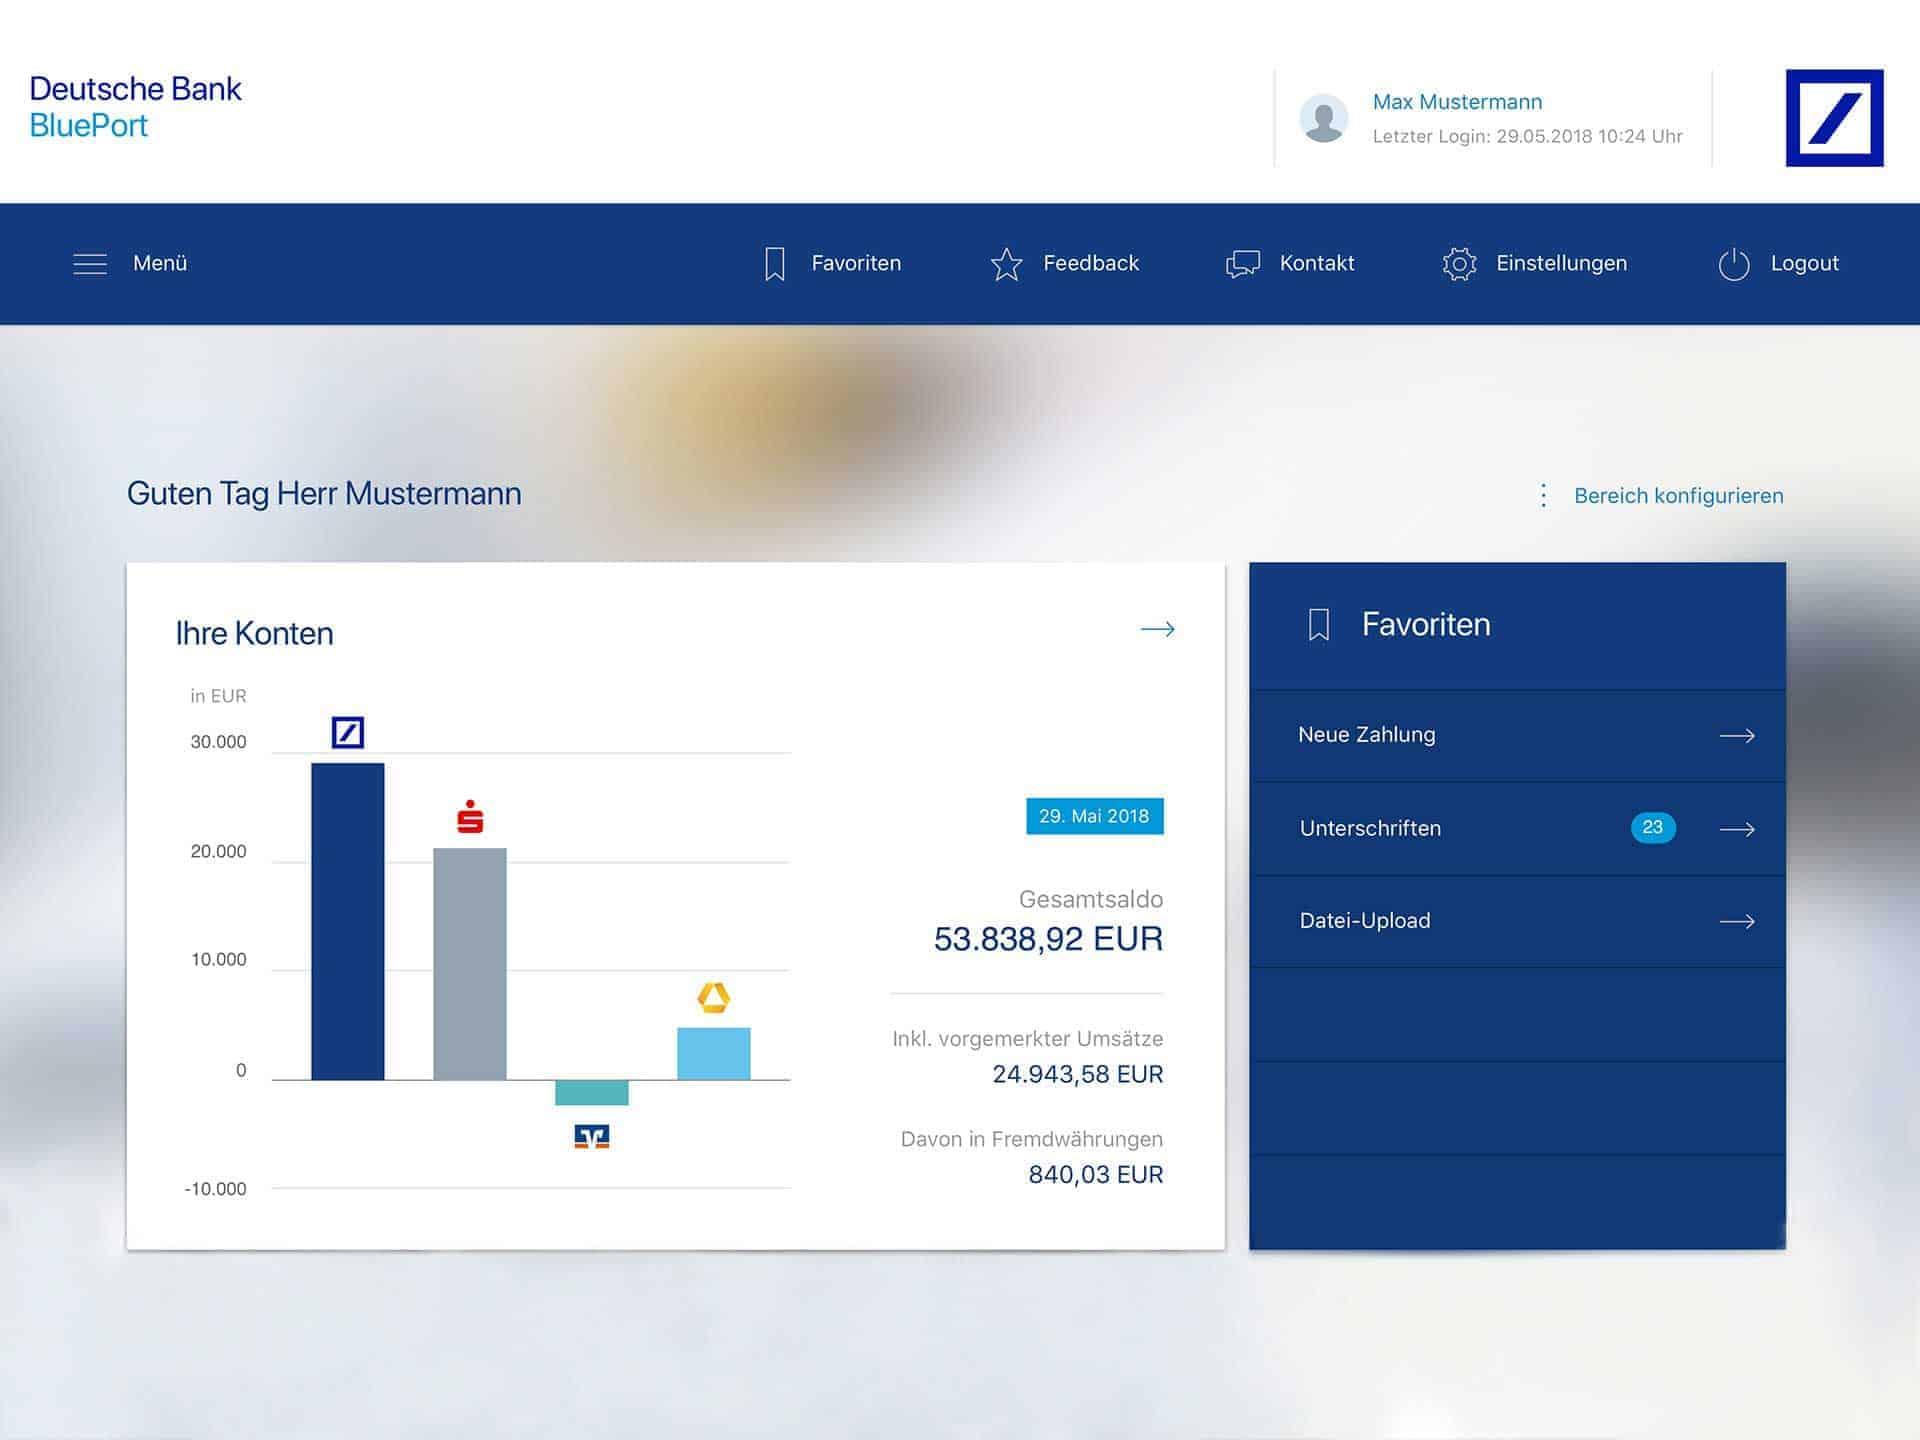 BluePort der Deutsche Bank